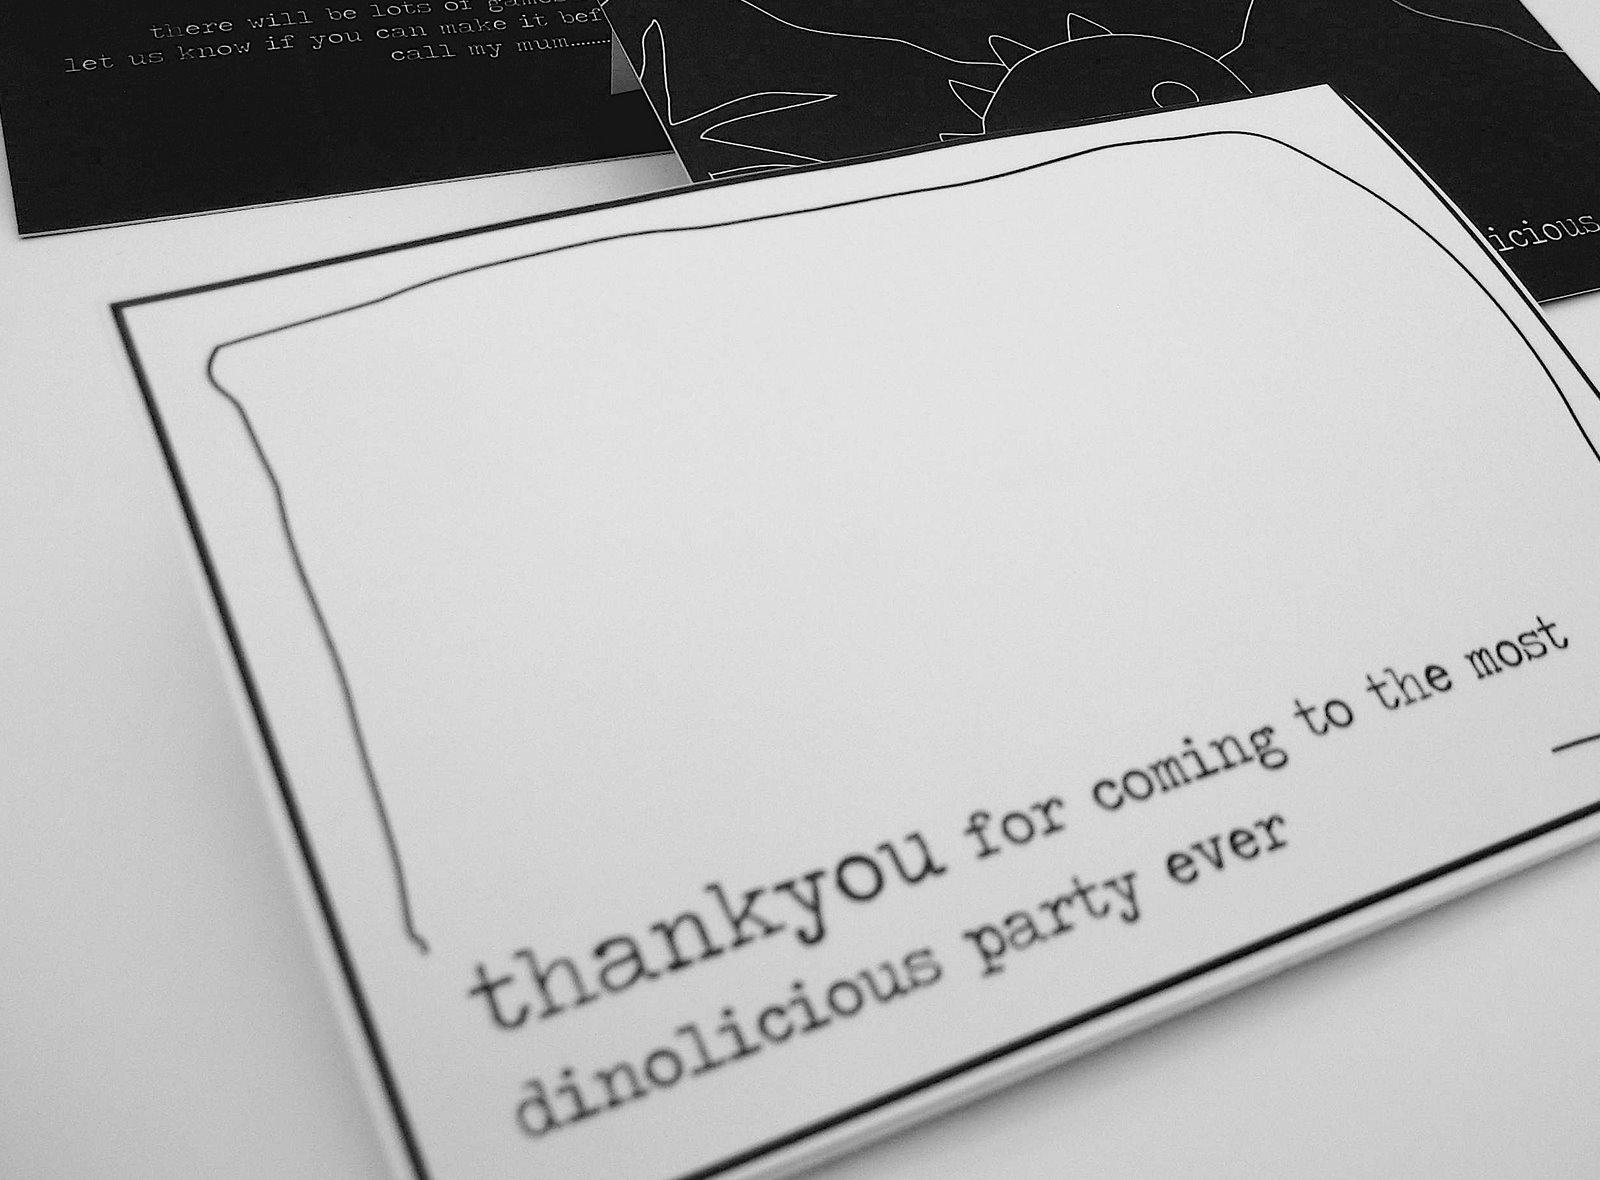 [dinolicious]